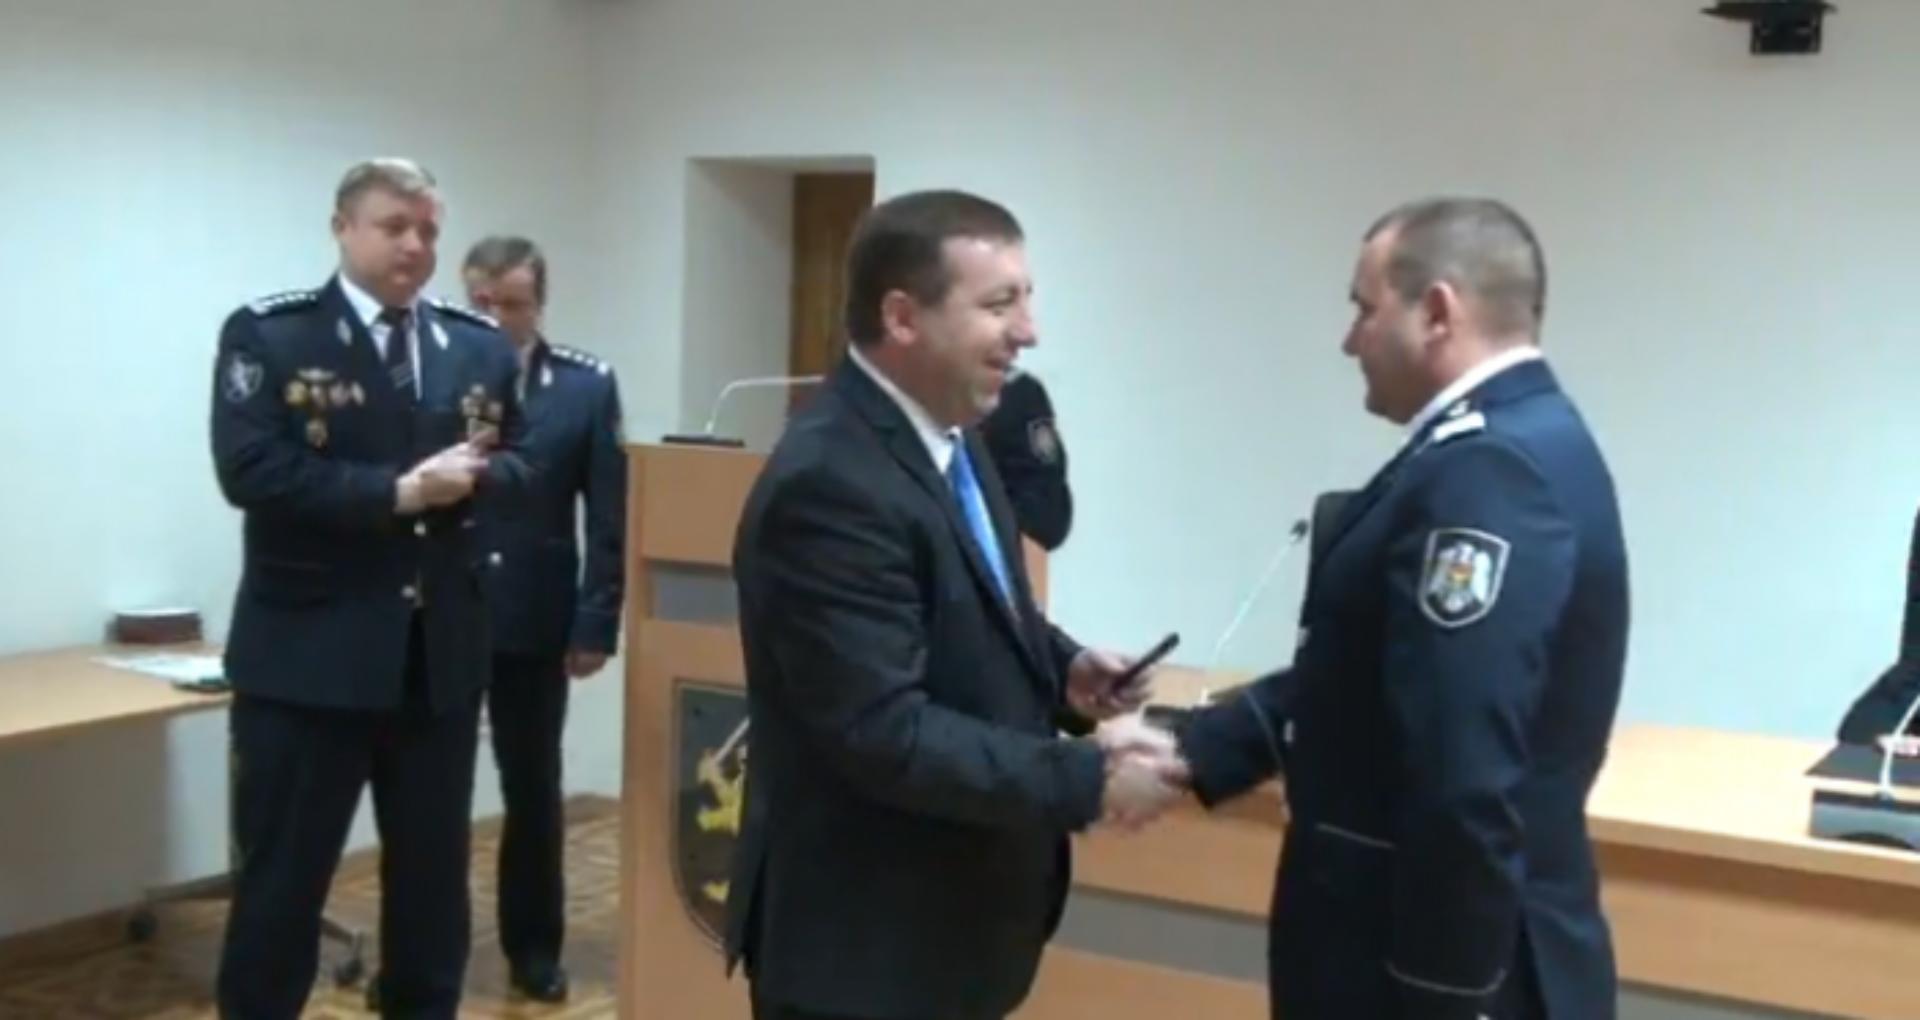 """Fostul comisar de Fălești, demis pentru gestionare defectuoasă a cazului """"Pădurea Domnească"""", a fost avansat în grad"""